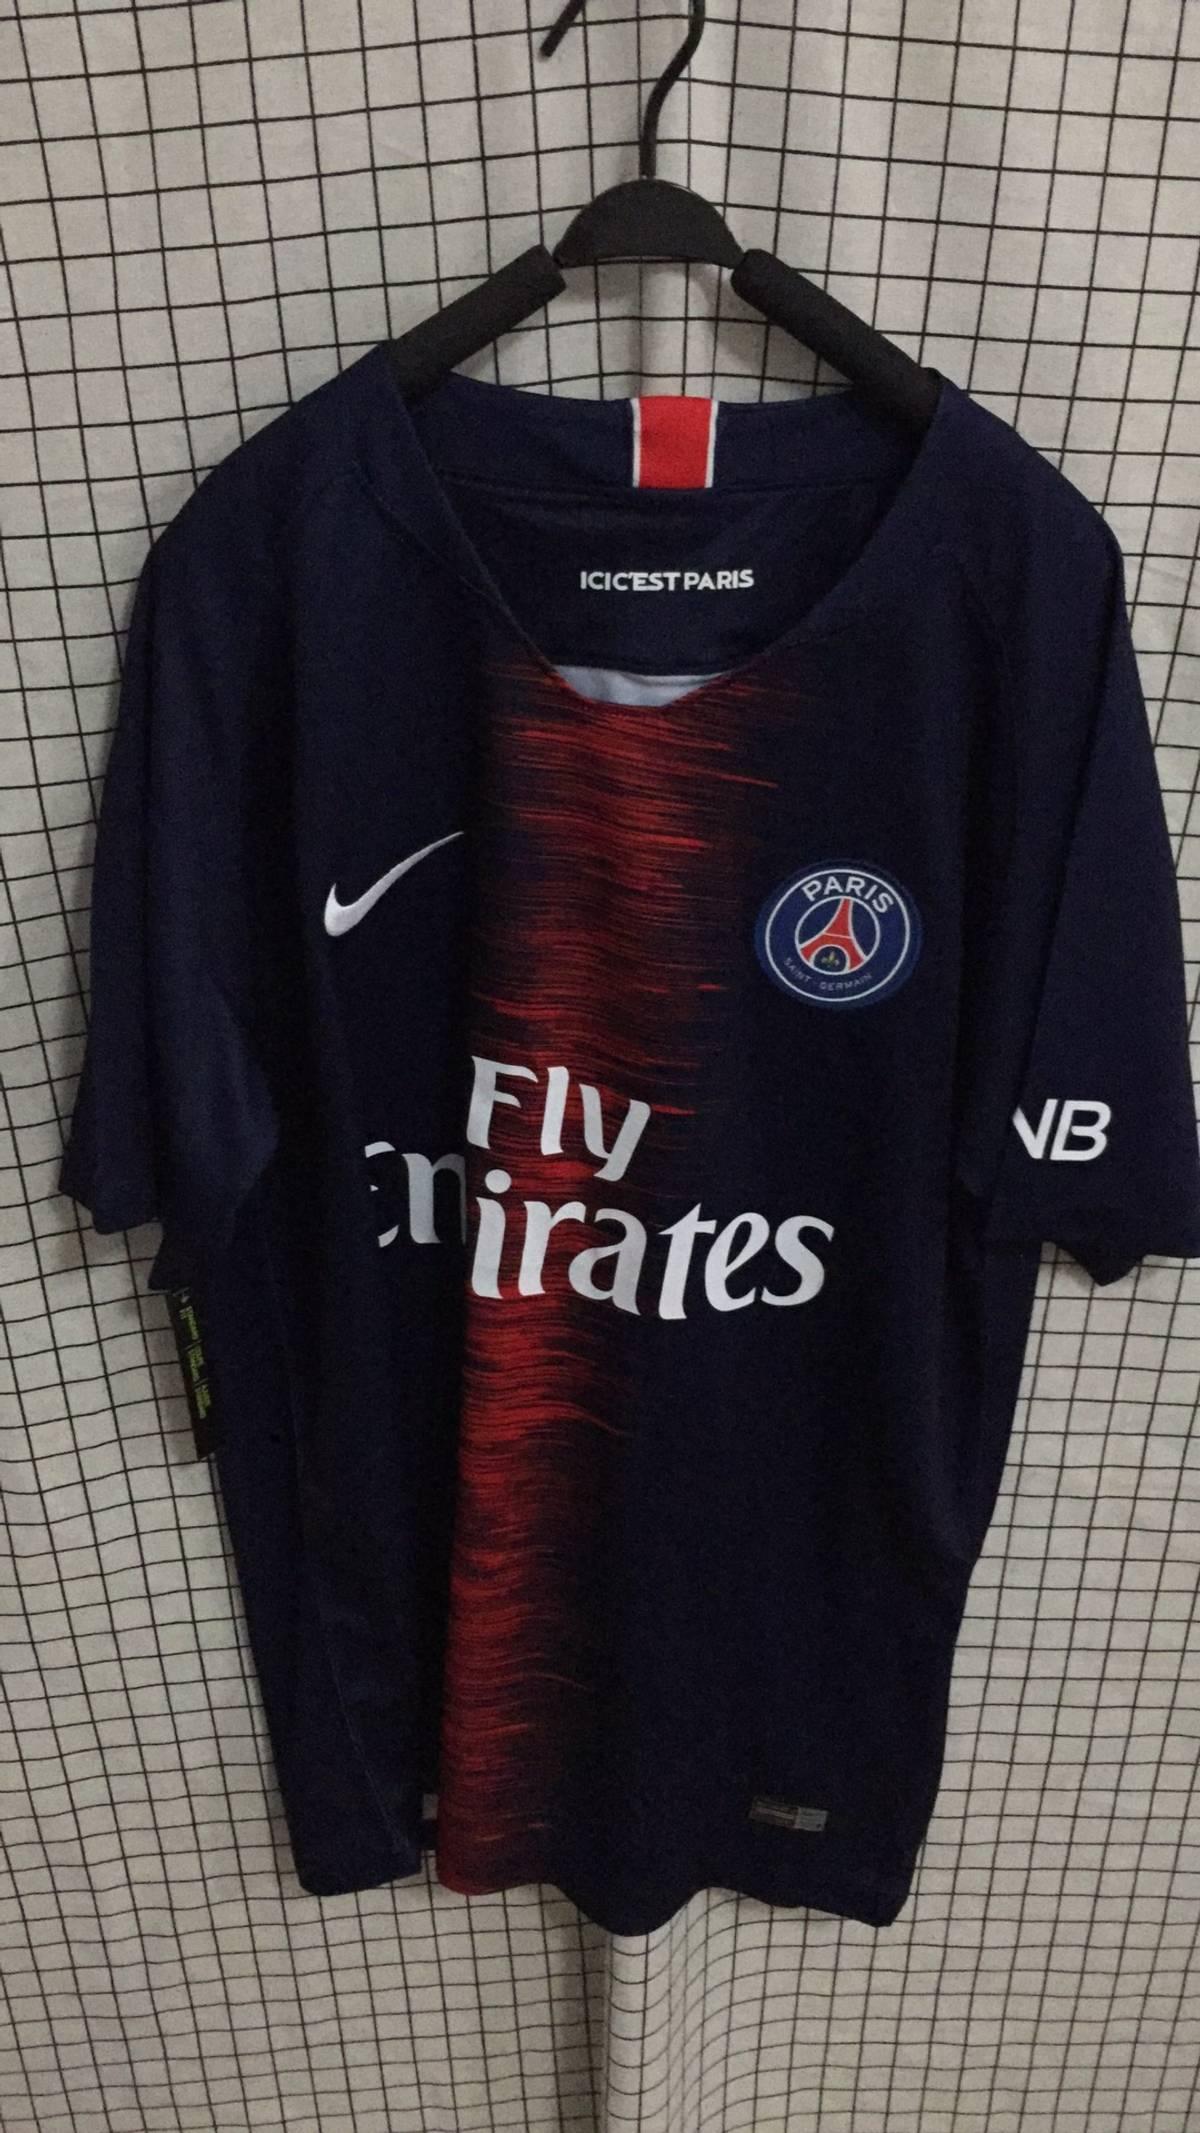 competitive price 24220 a64ac Nike × Soccer Jersey Kylian Mbappé #7 Soccer Jersey Size L $1